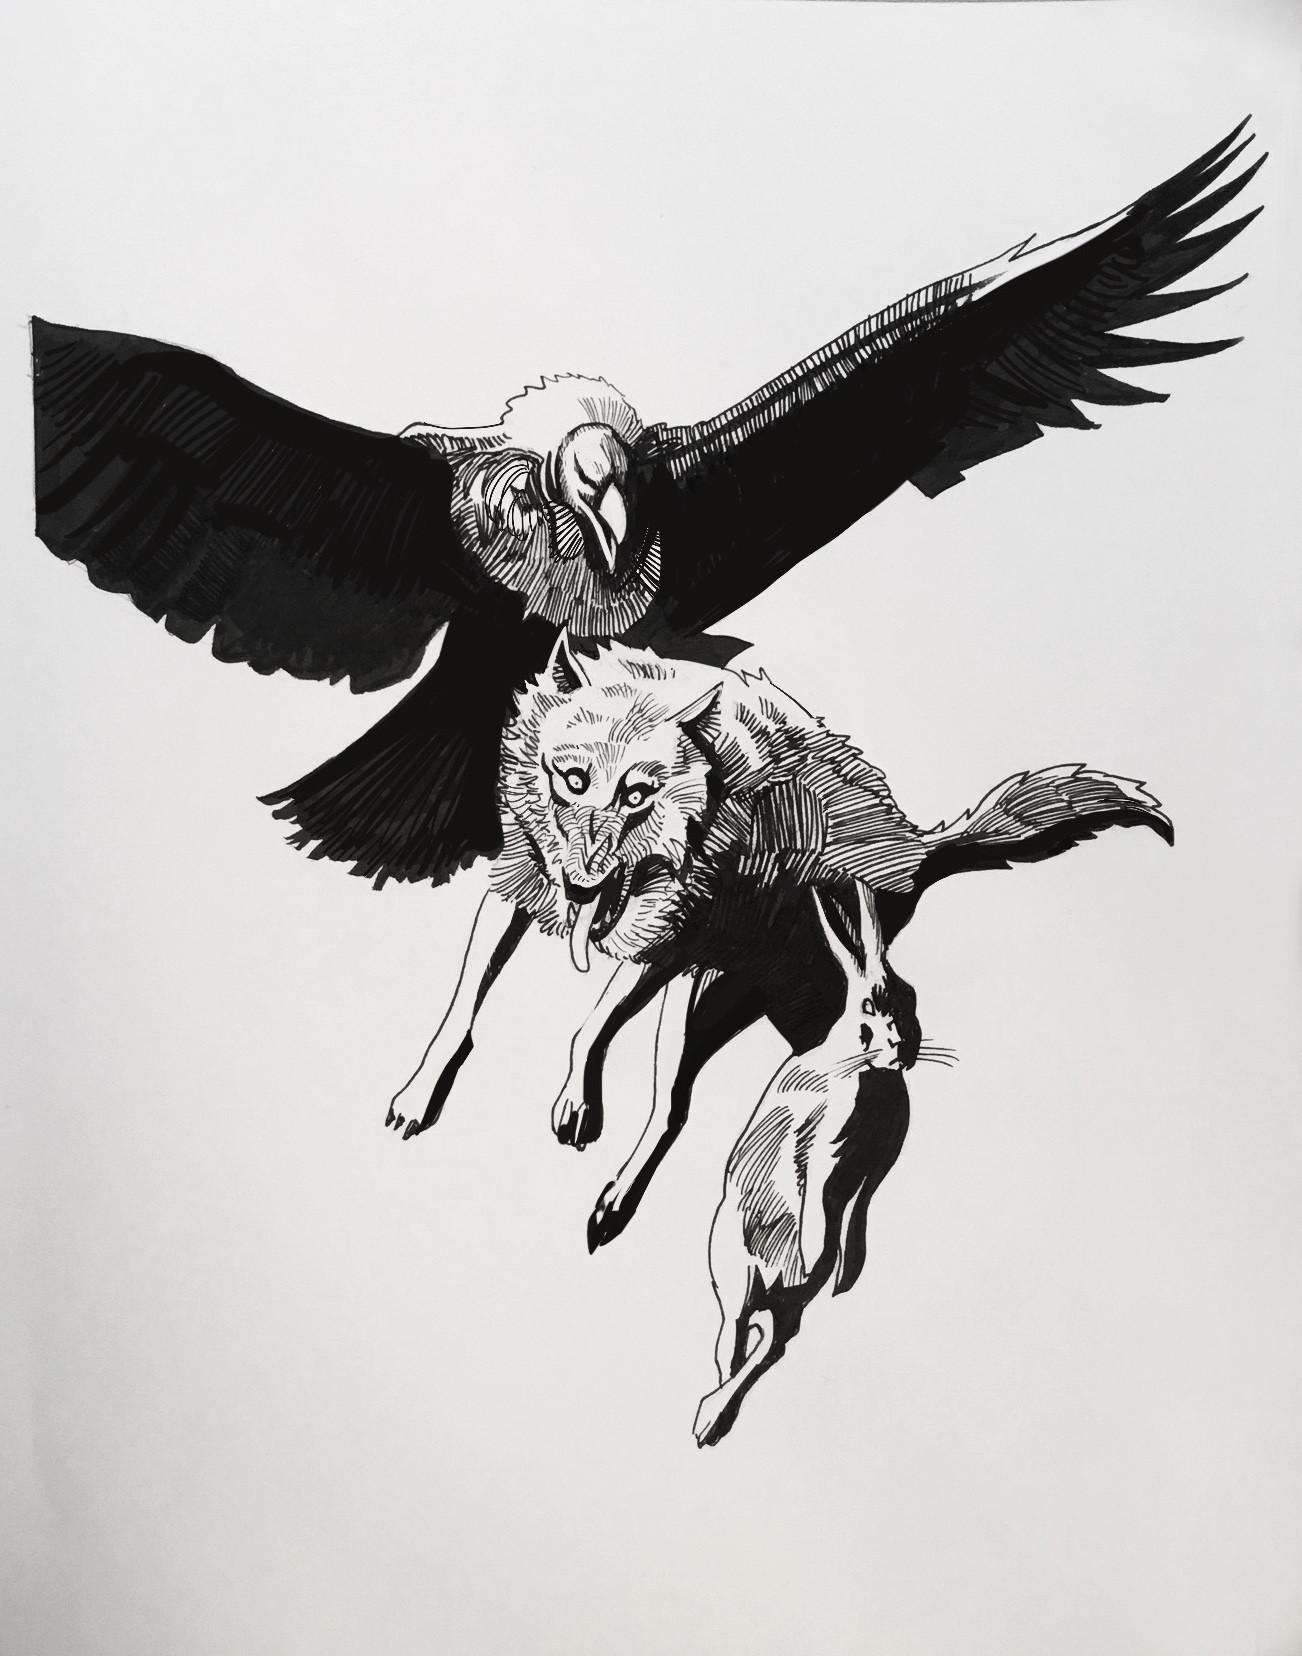 Hugo puzzuoli vautour loup final